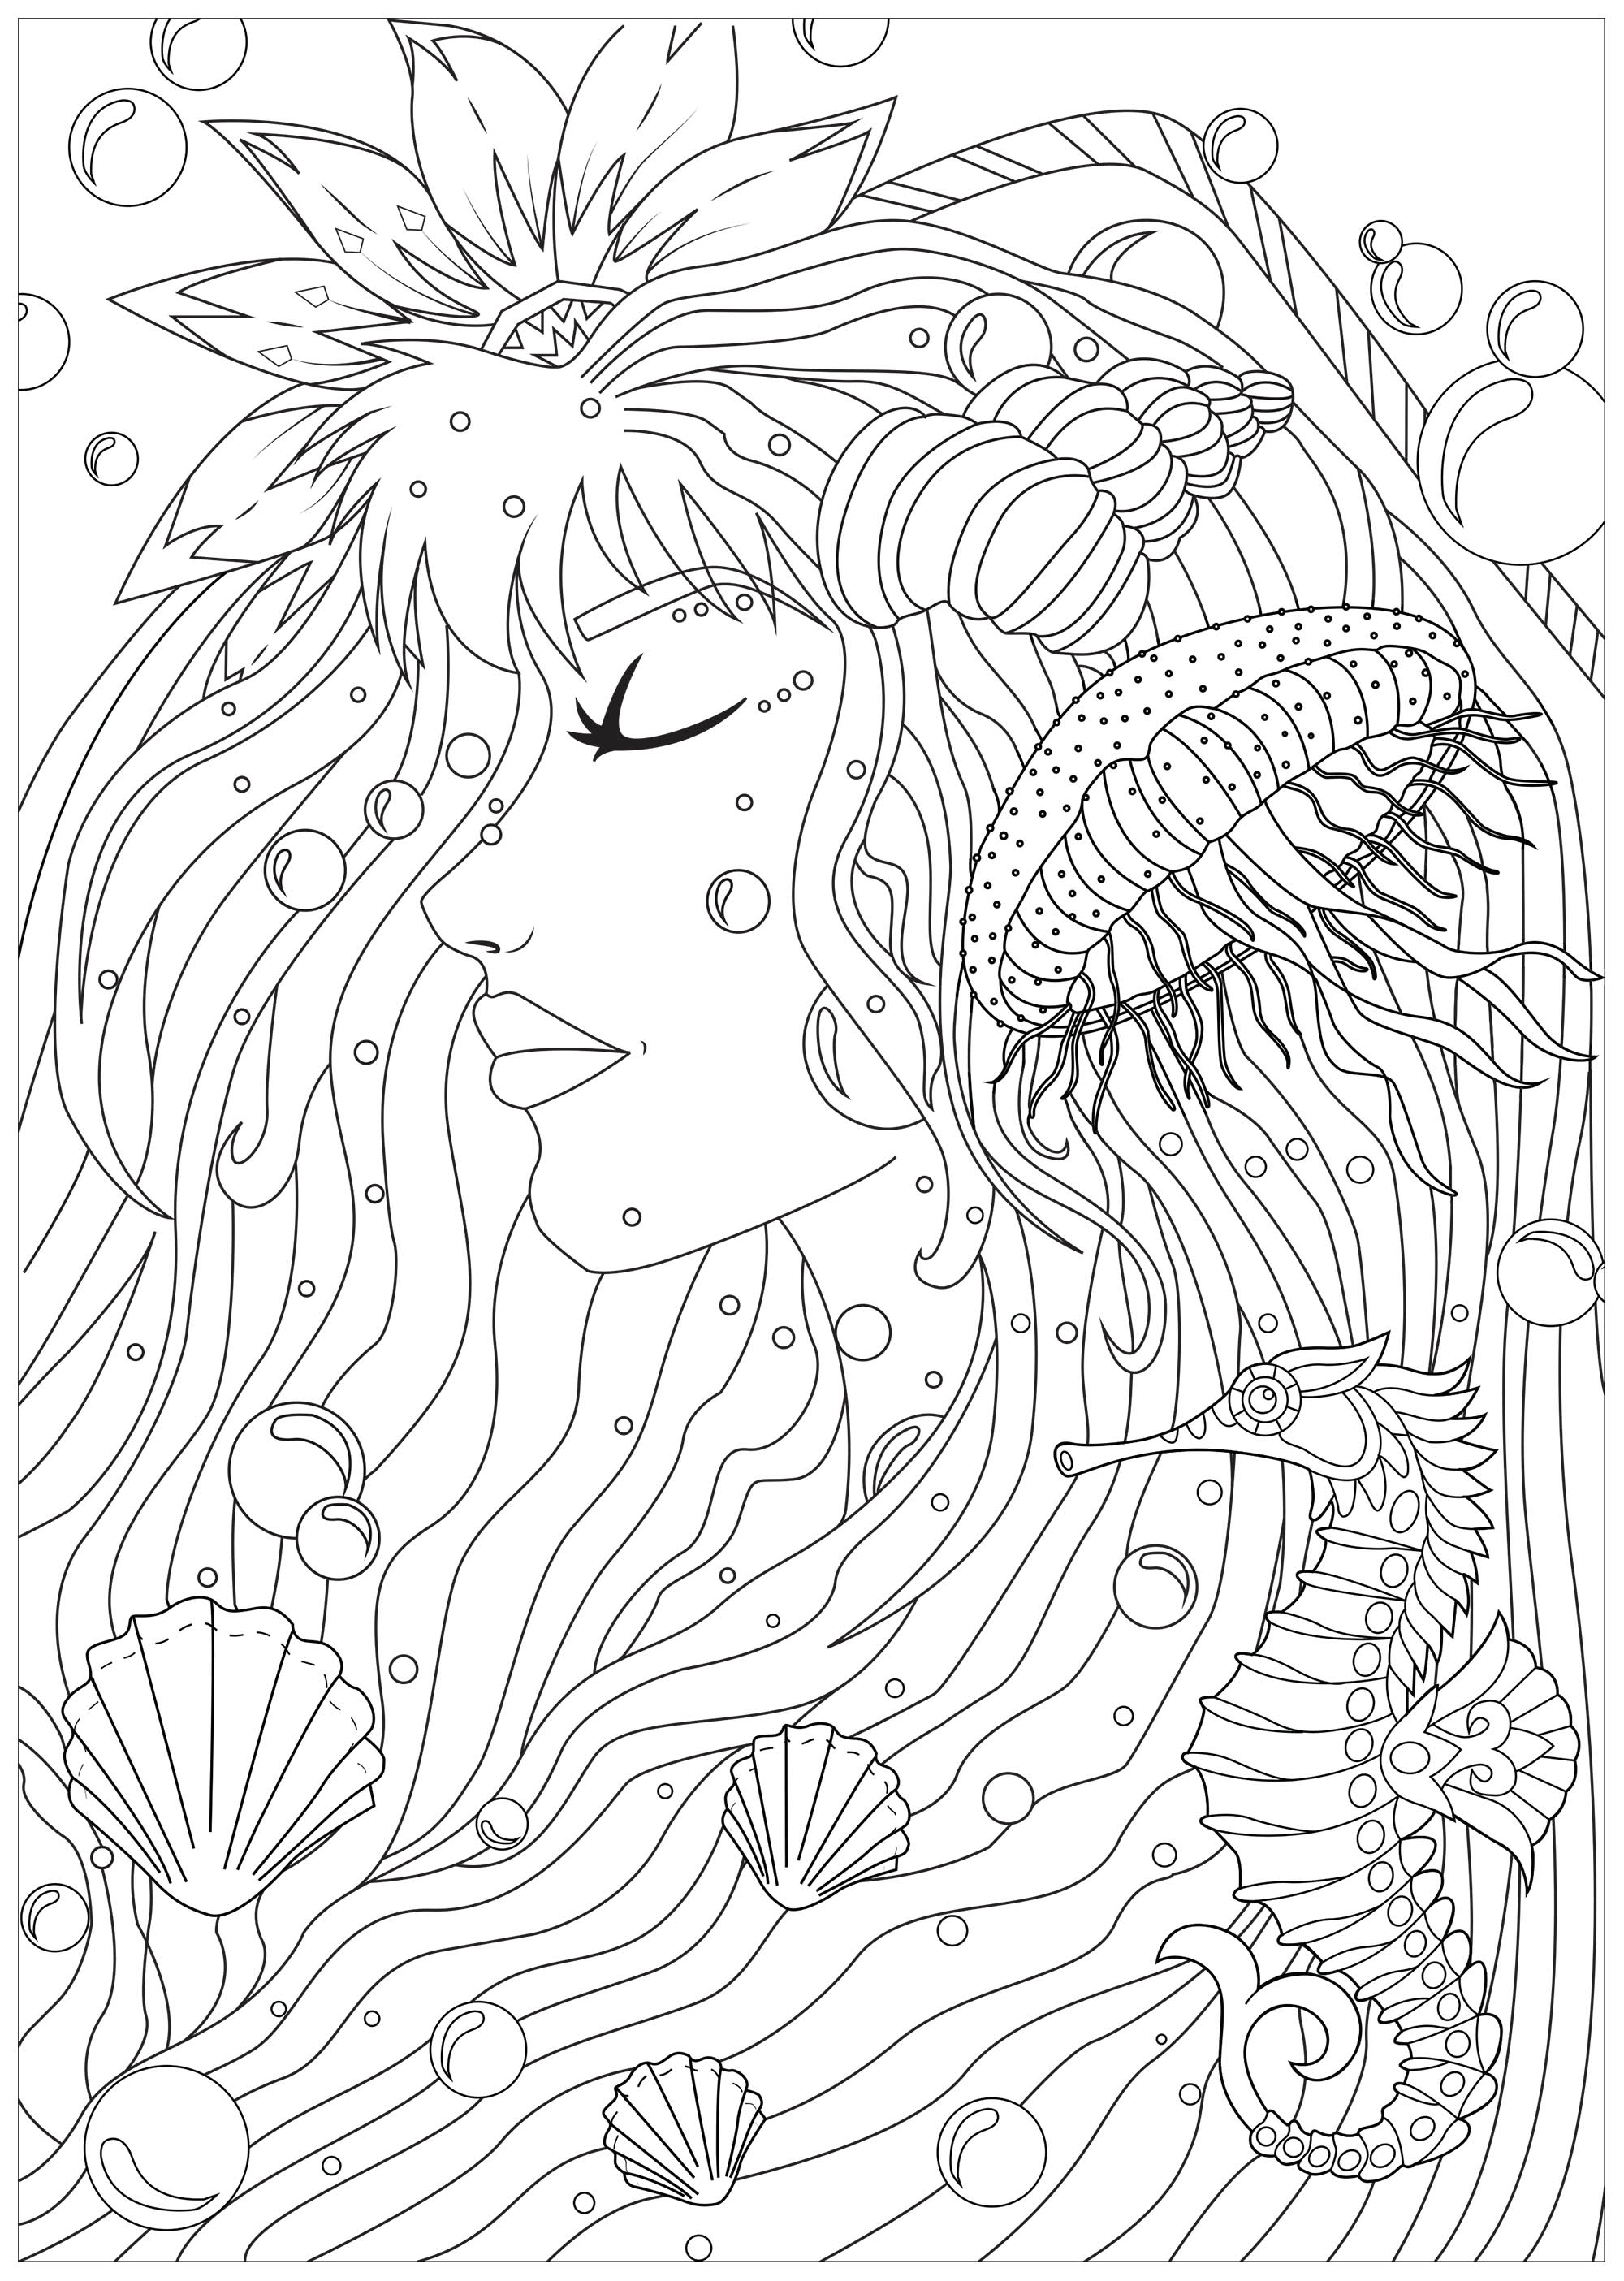 Disegni da Colorare per Adulti : Water worlds - 2